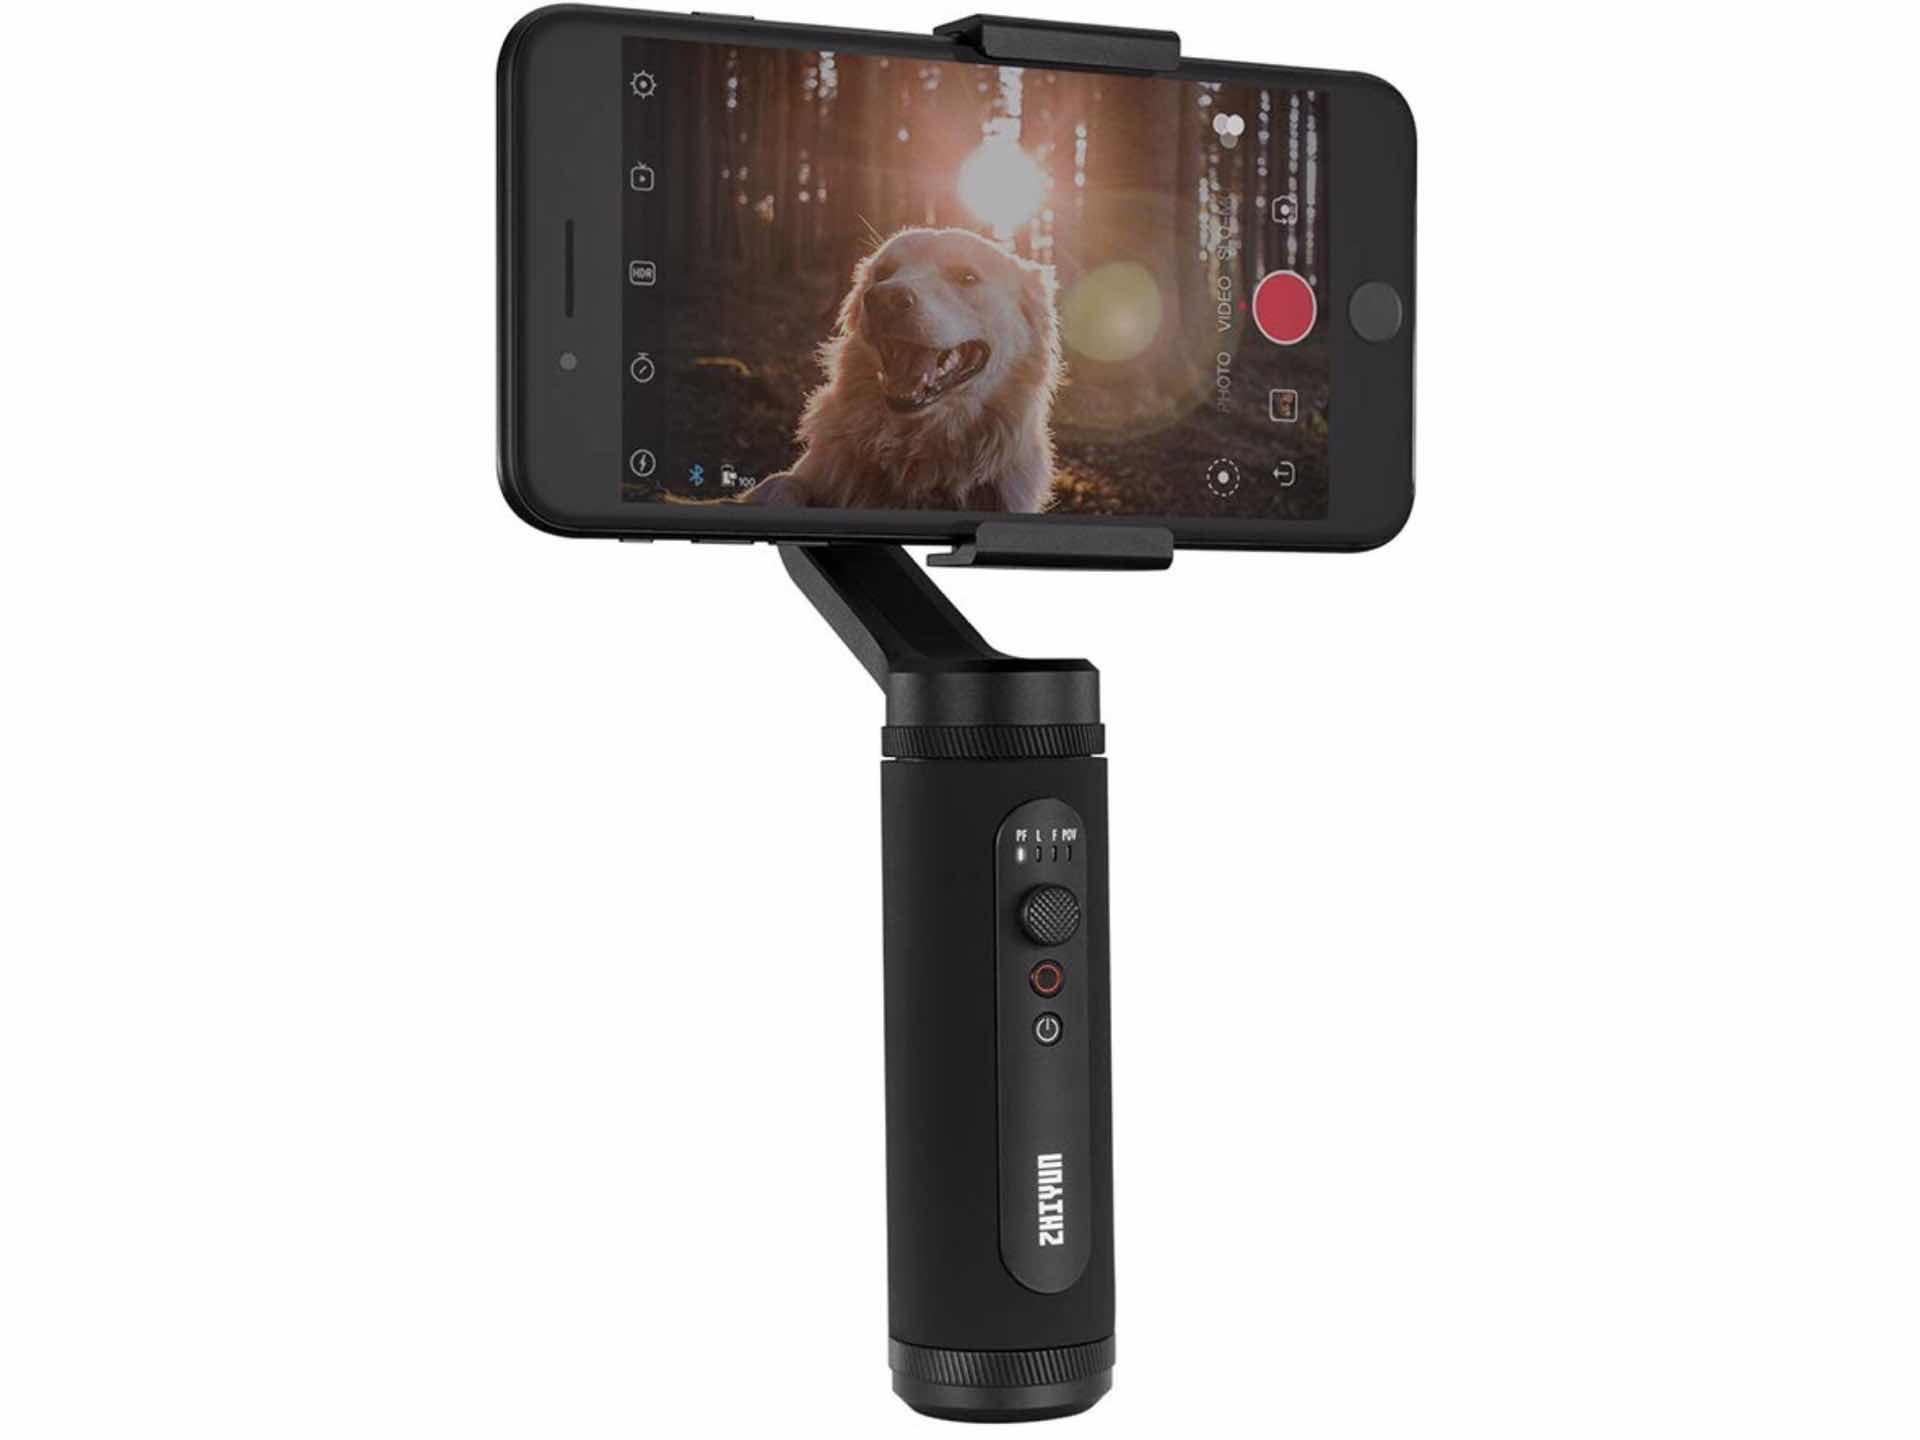 zhiyun-smooth-q2-smartphone-gimbal